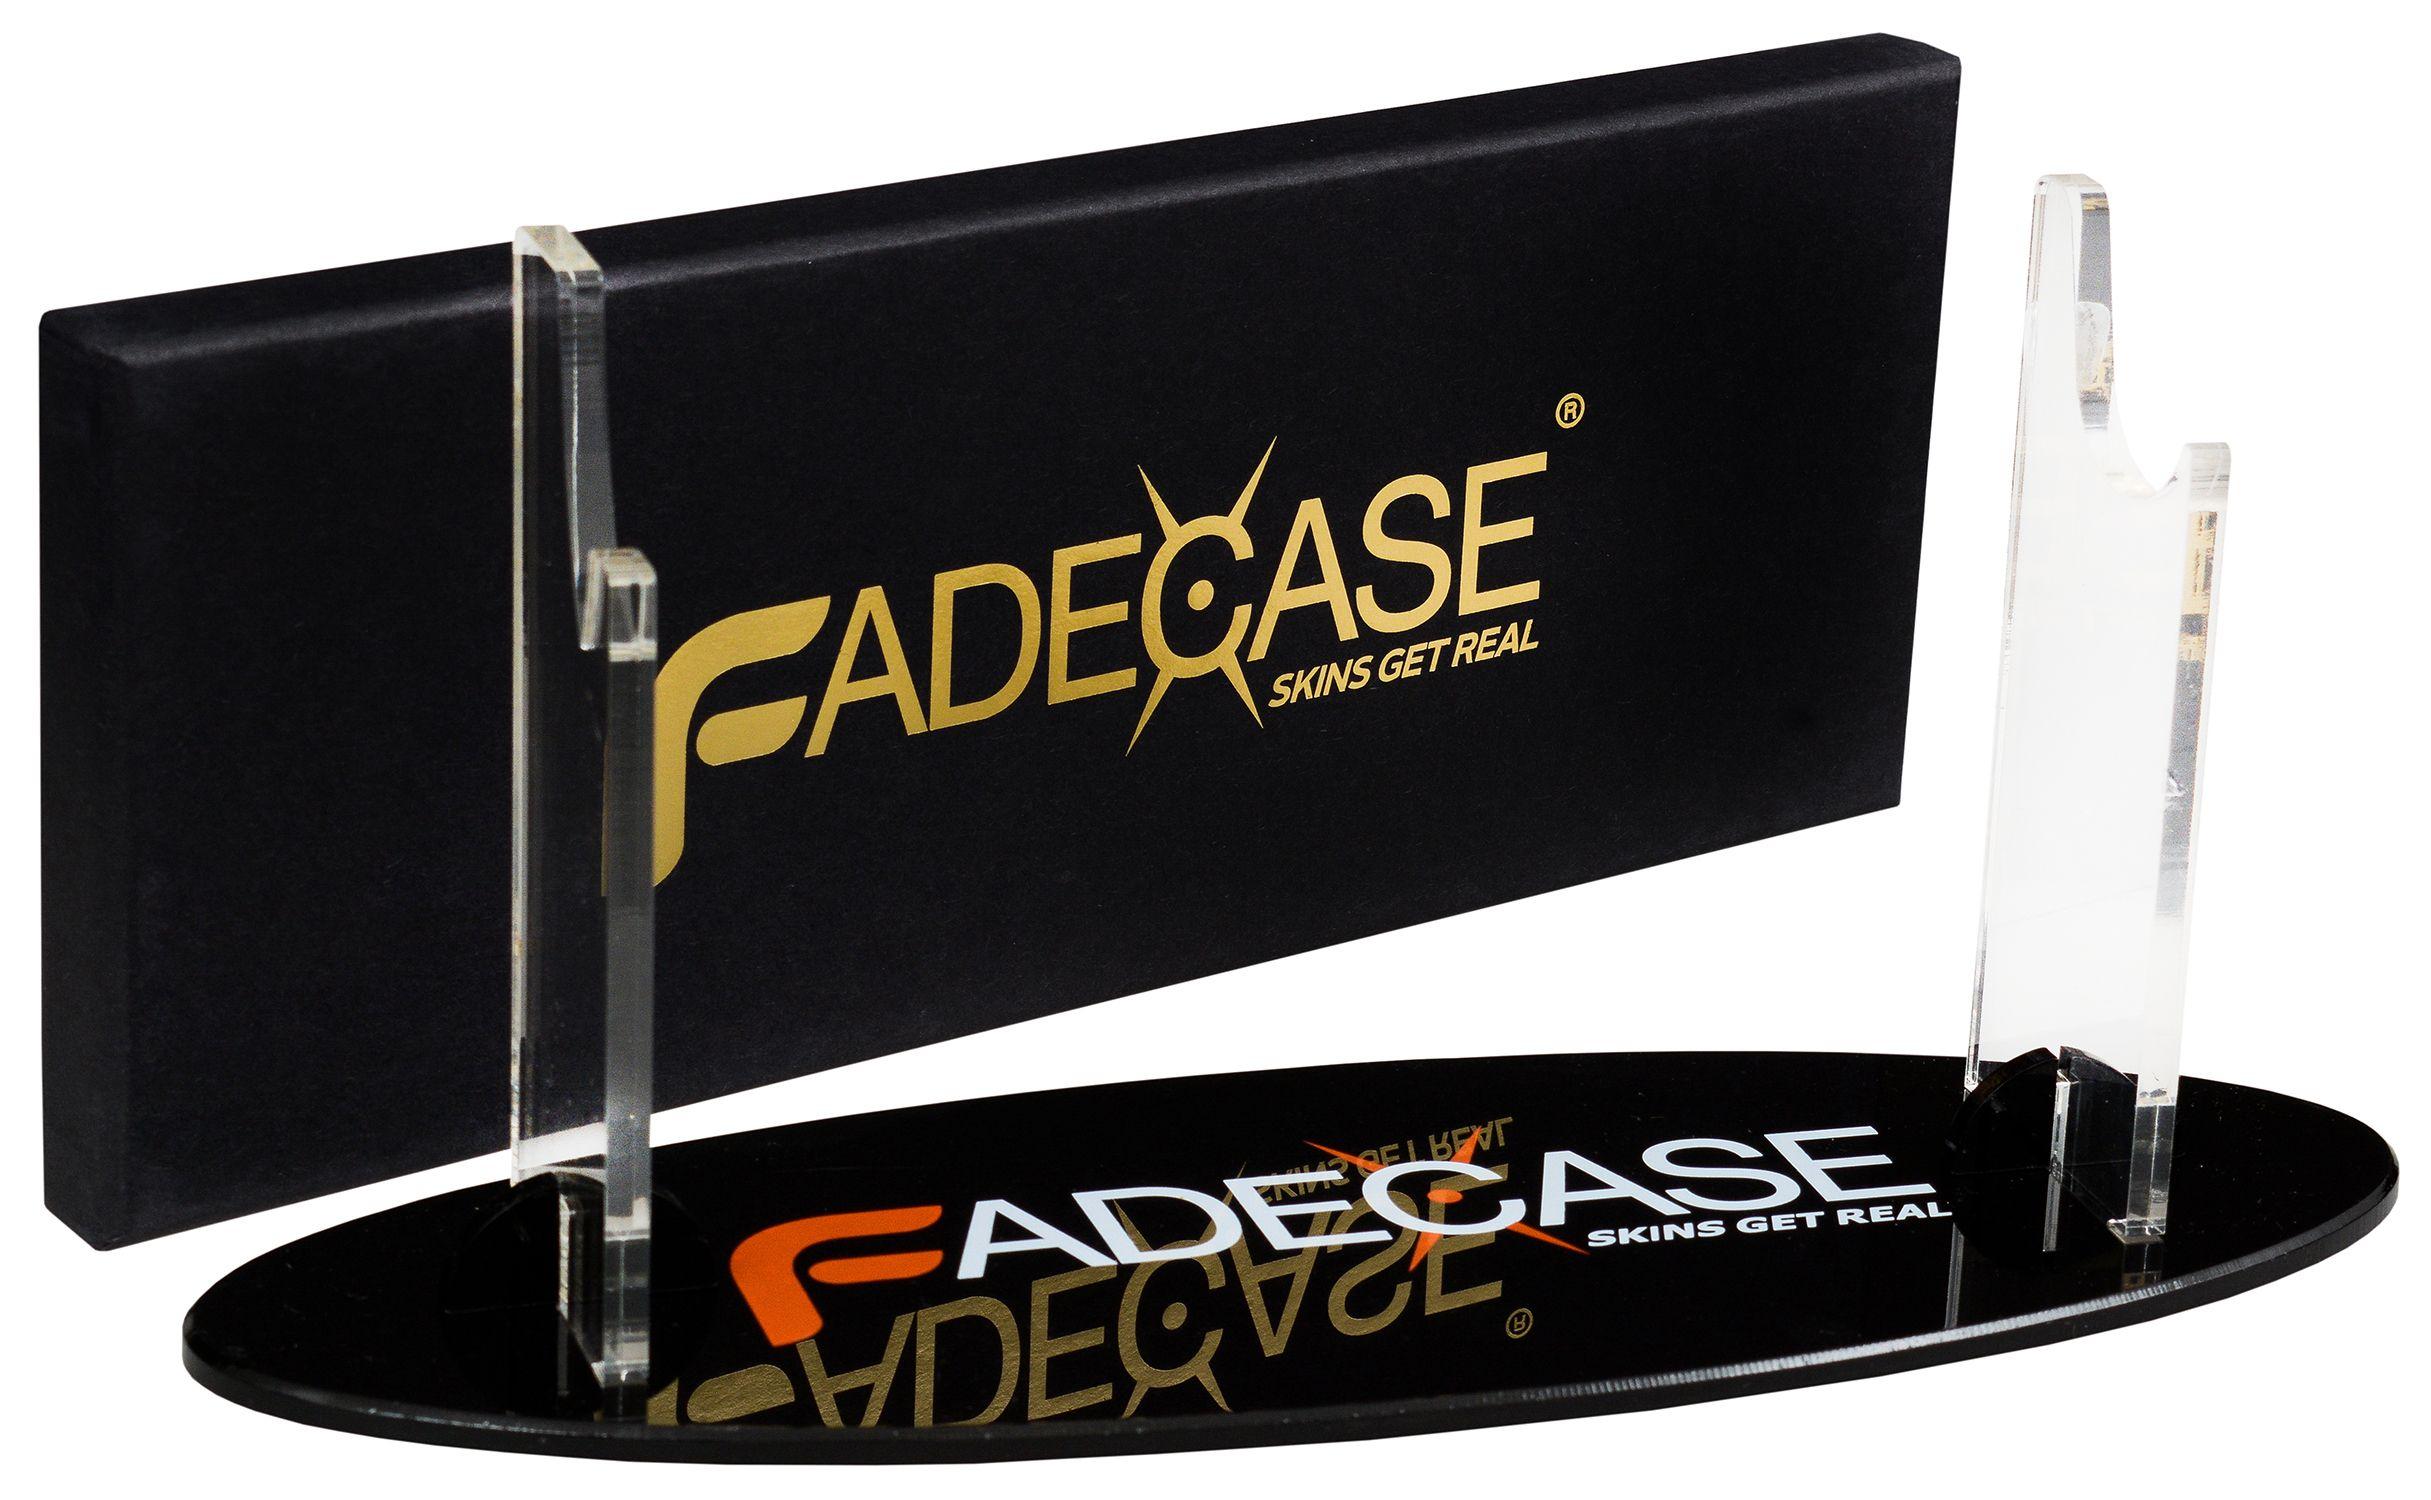 Универсална единична поставка за ножове Fadecase - 2